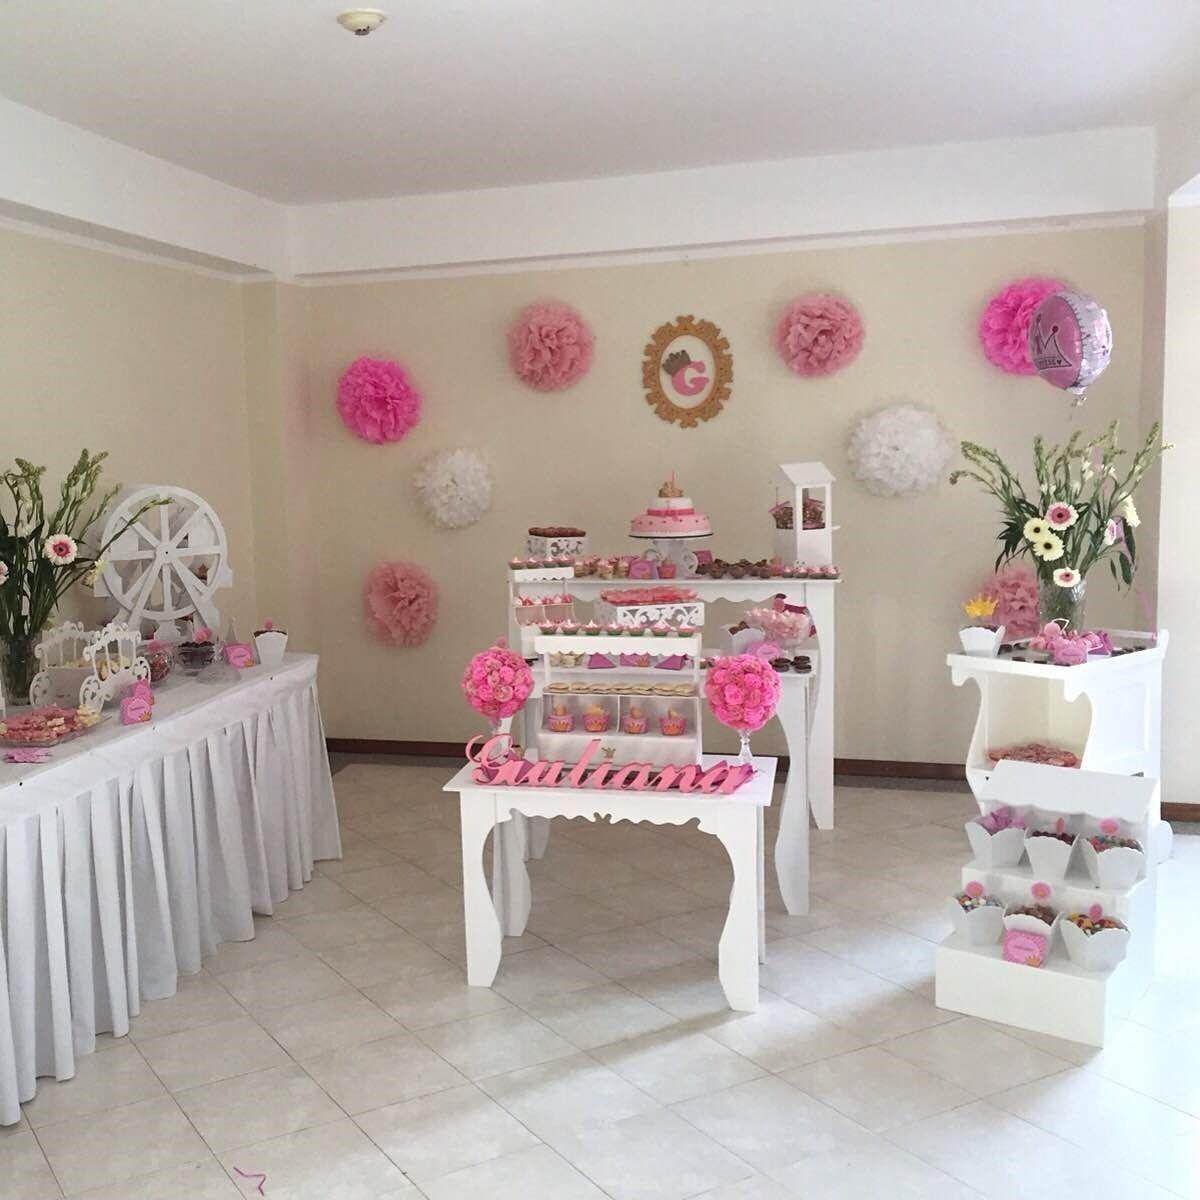 43ff36606 Alquiler De Mobiliario Para Candy Bar - Caracas - Libertador (centro) - Bs.  15.000